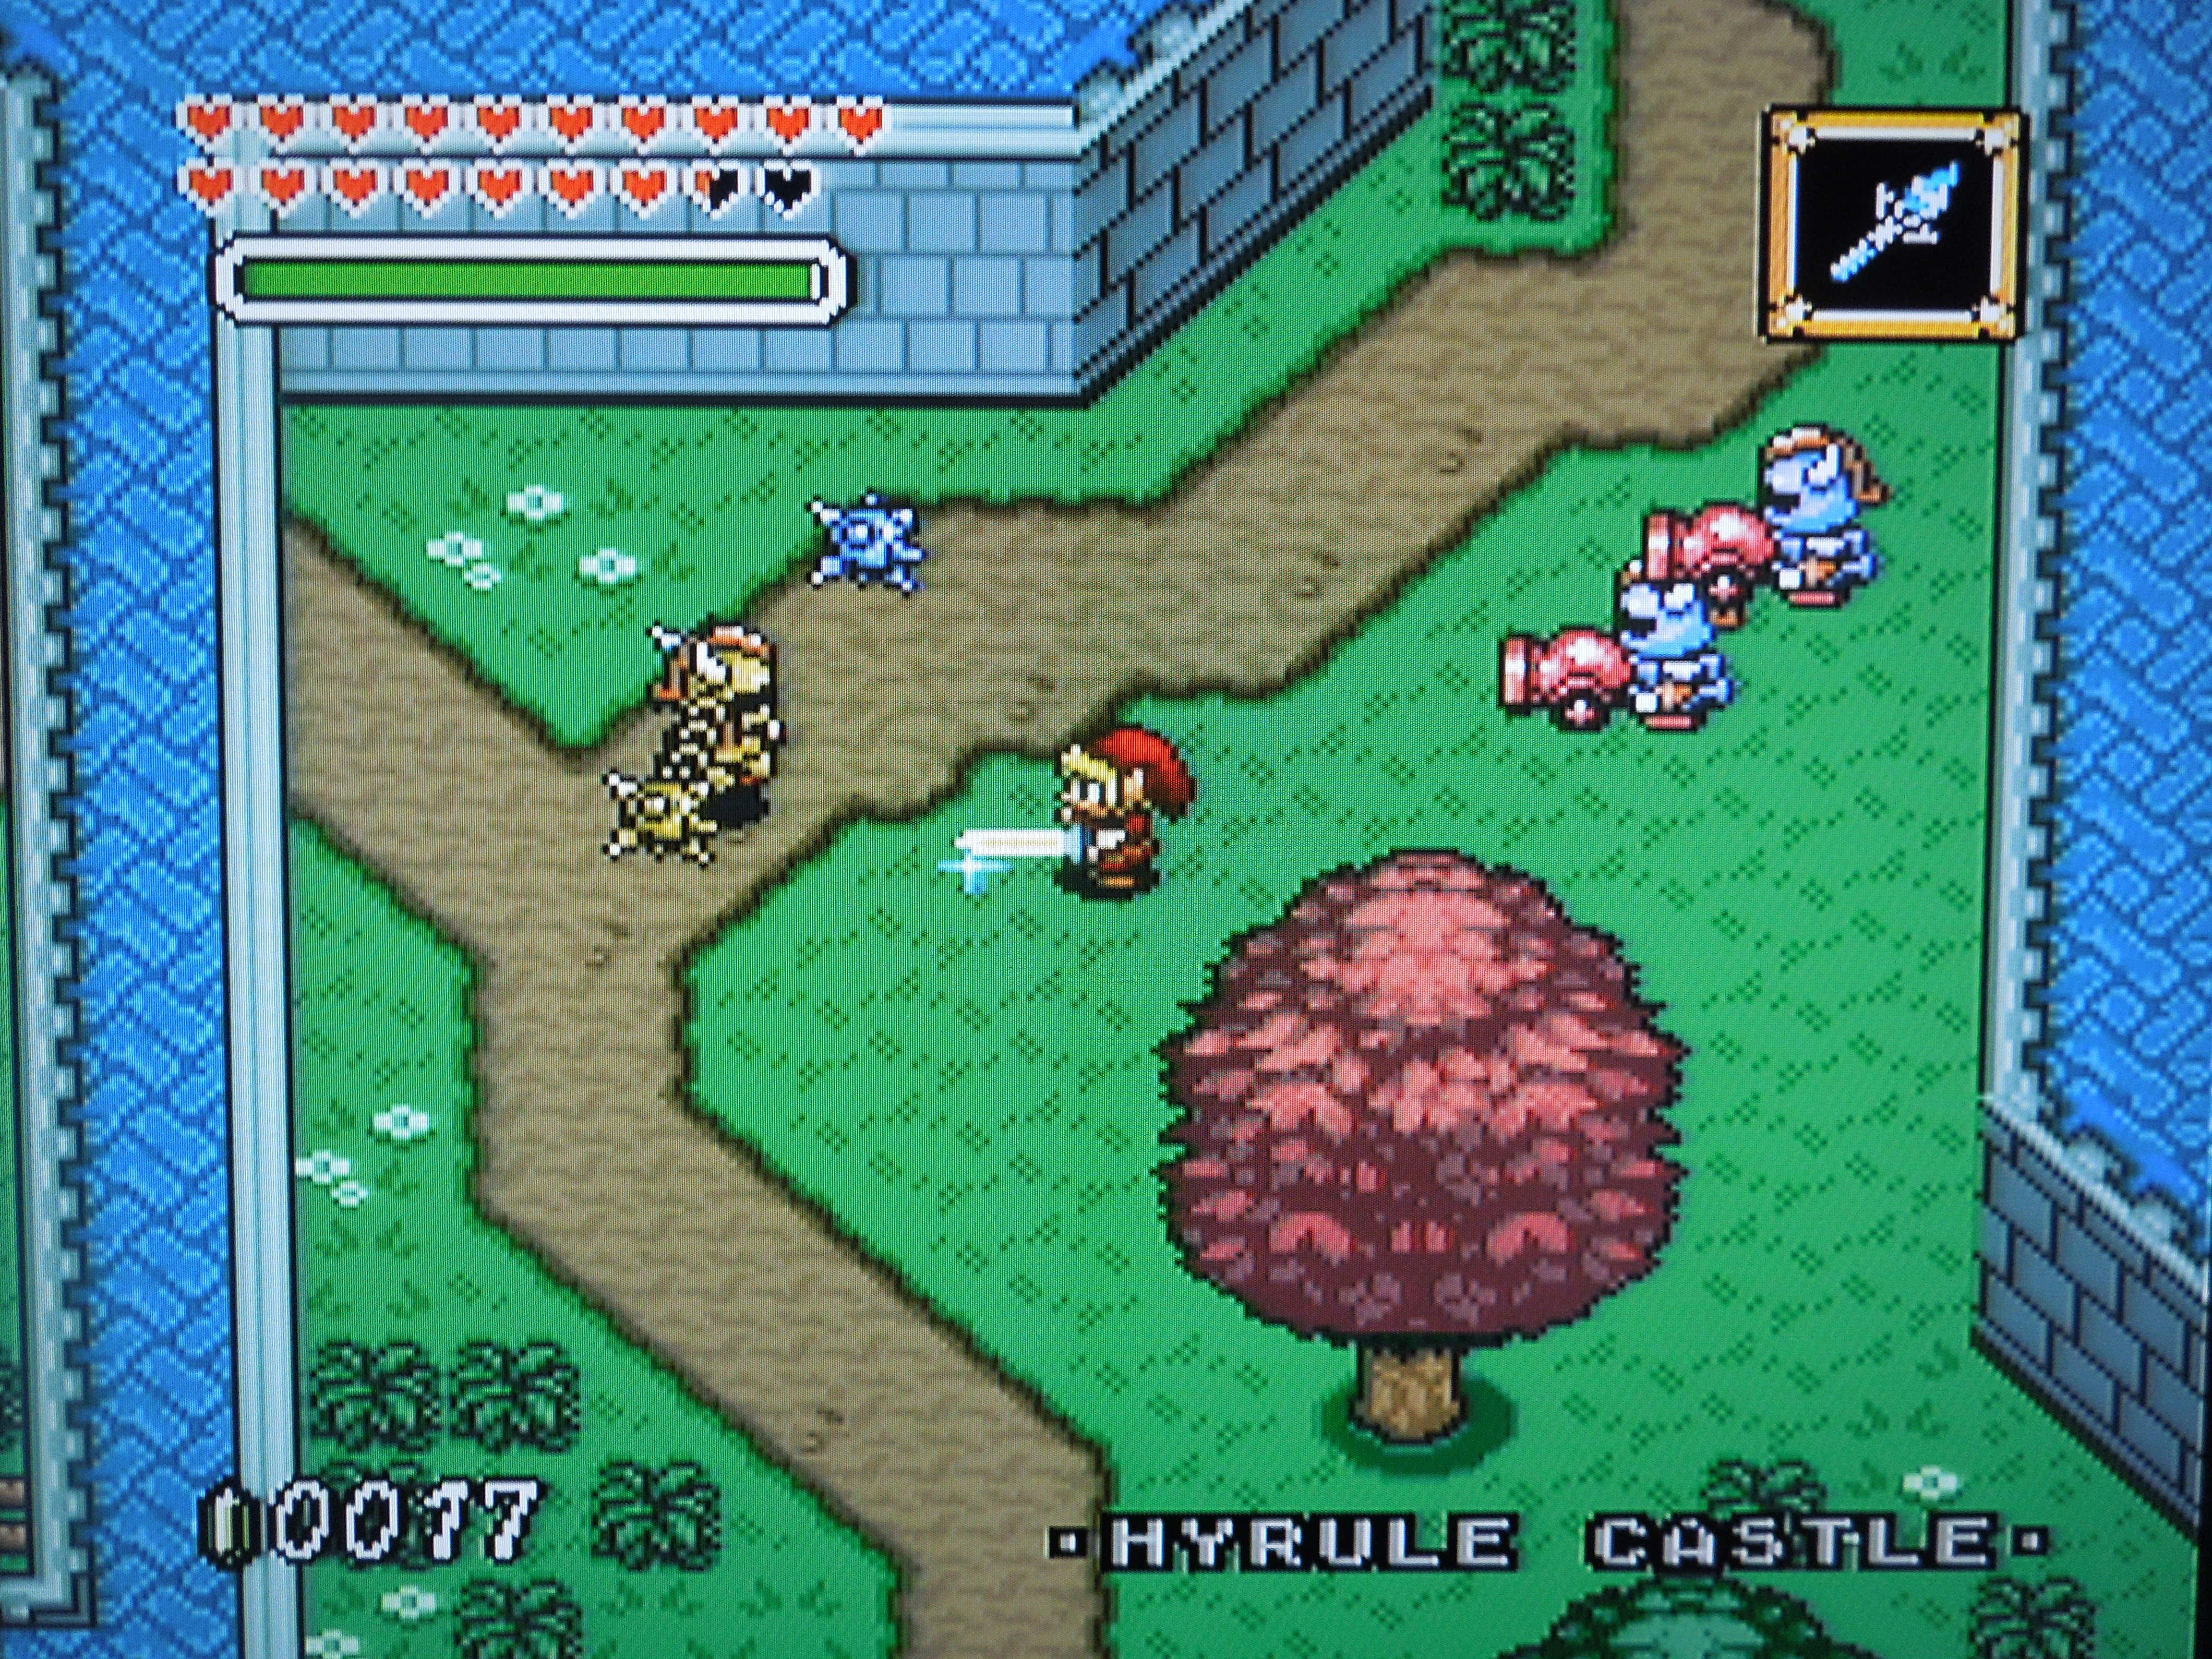 Zelda for super nintendo | The Legend of Zelda: A Link to